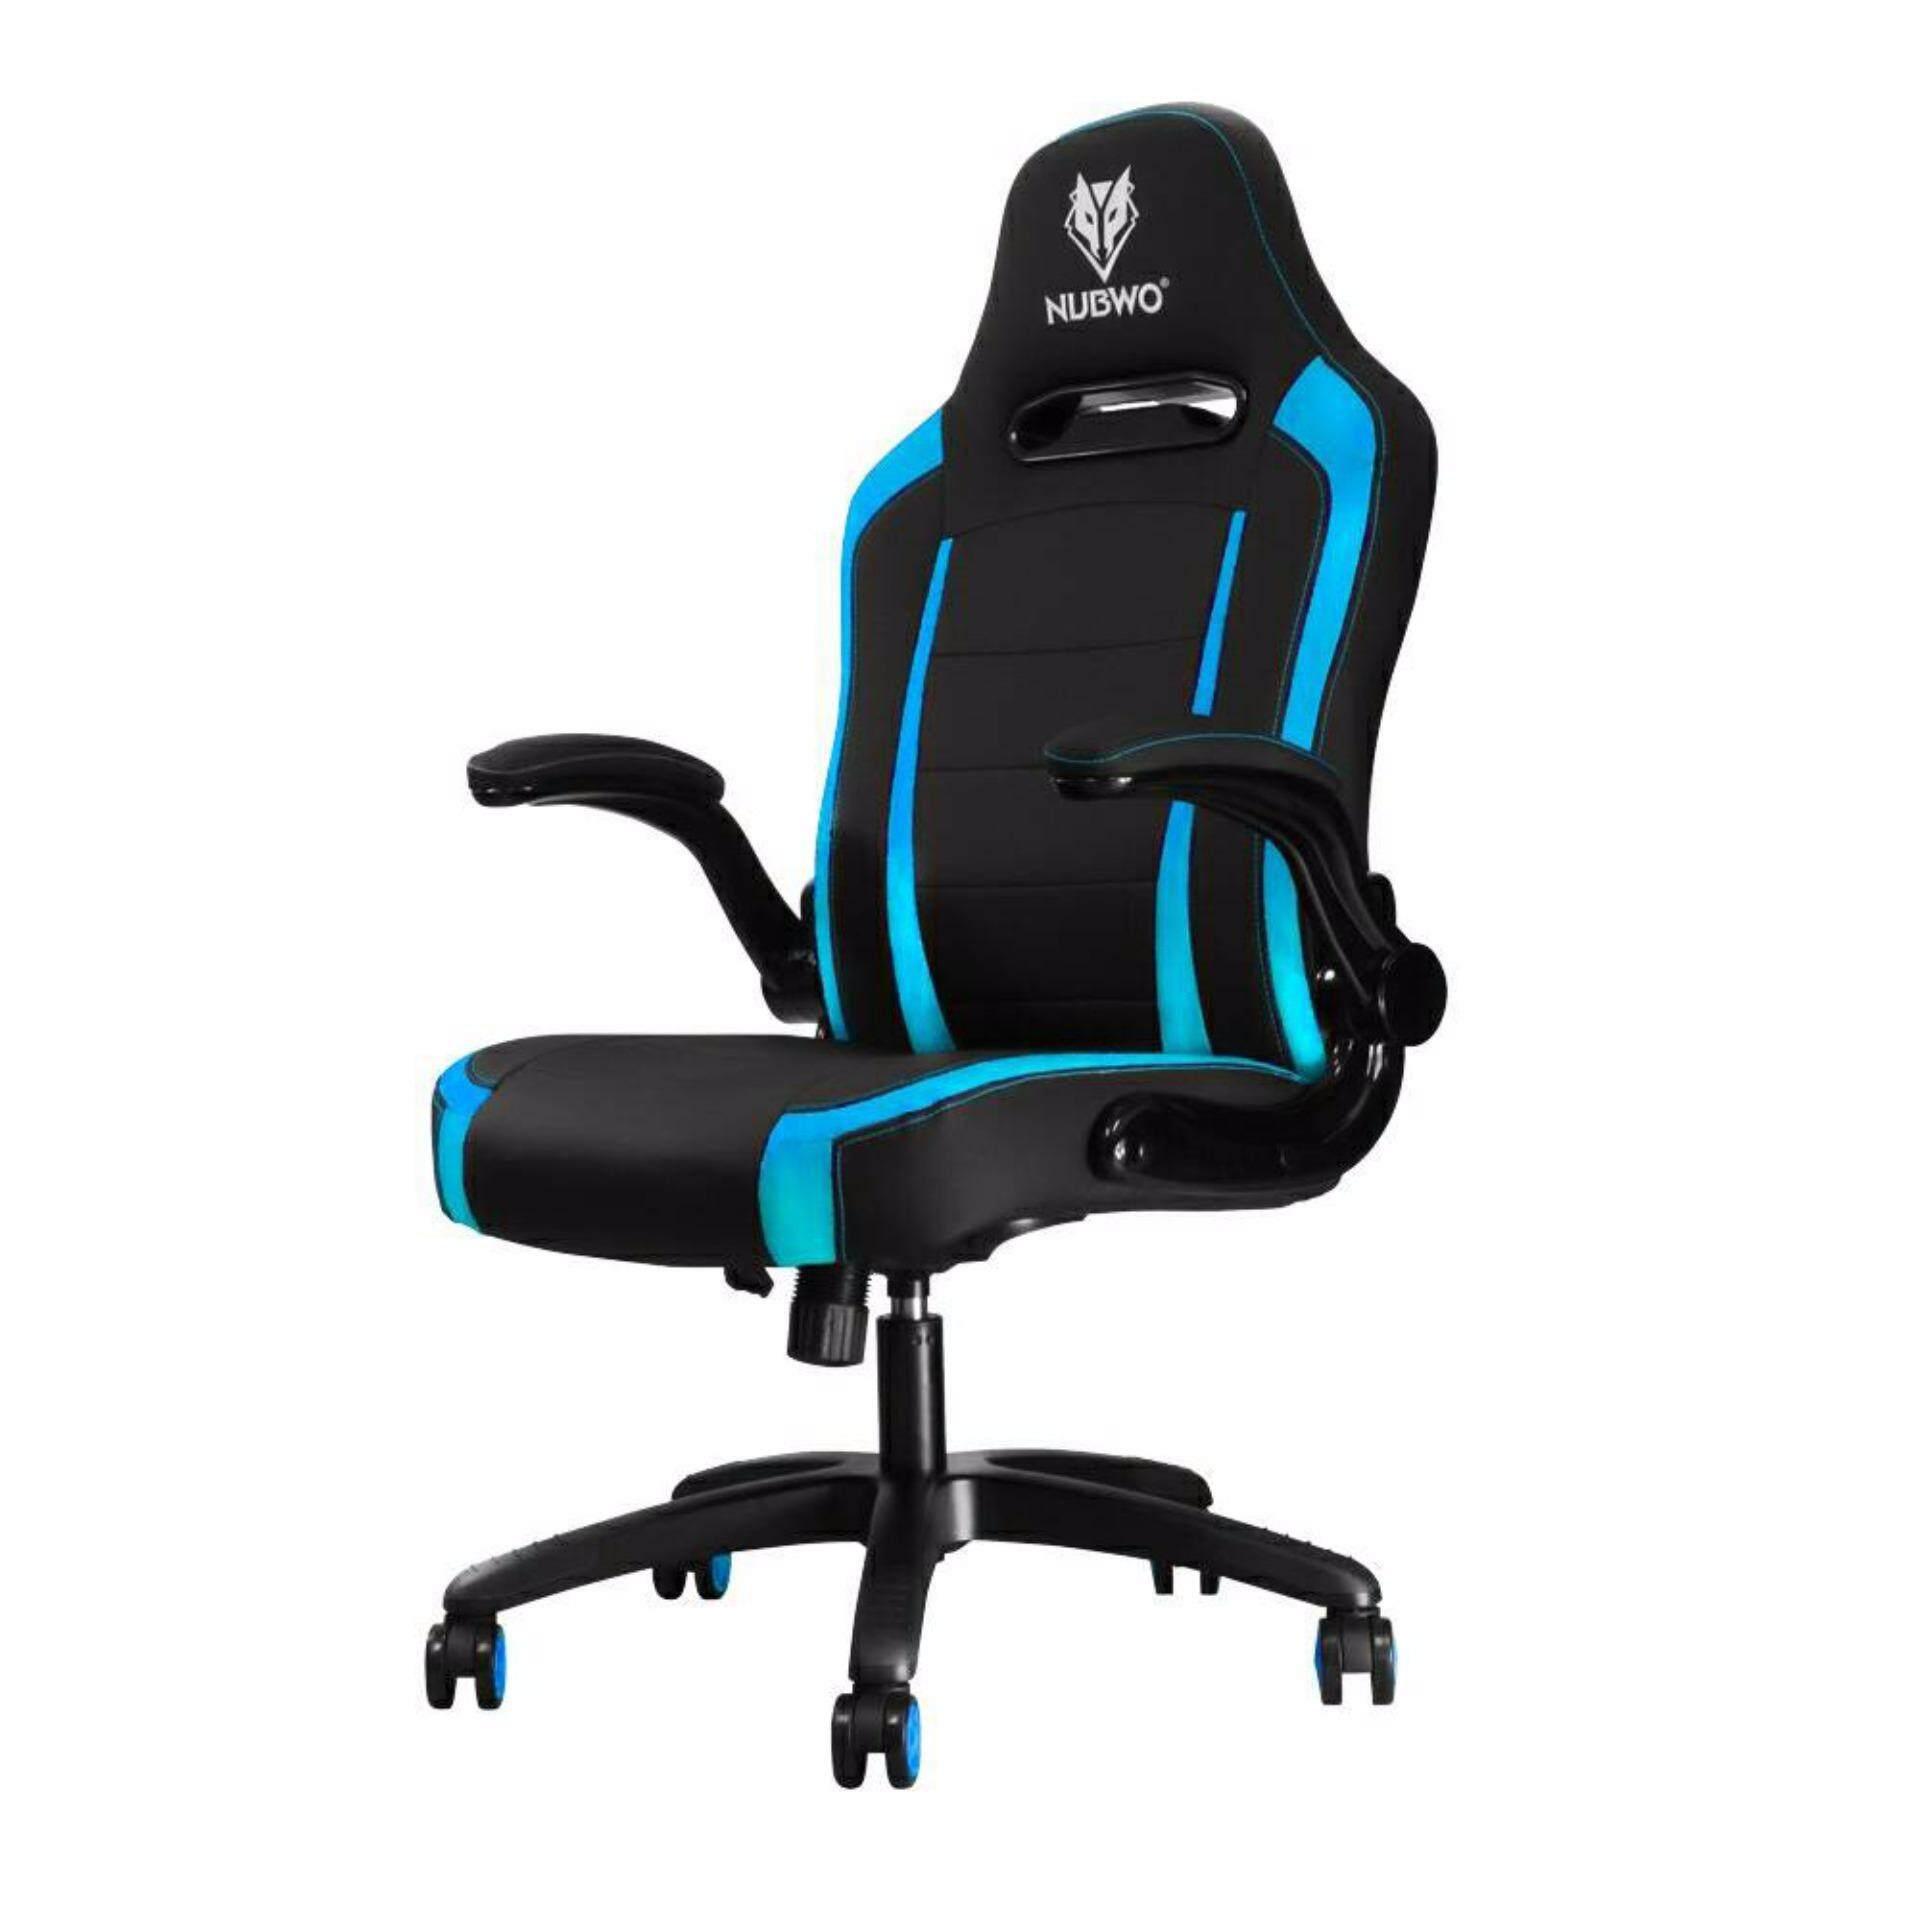 การใช้งาน  NUBWO GAMING Chair CH006 mercenary เก้าอี้นั่งสำหรับเกมเมอร์